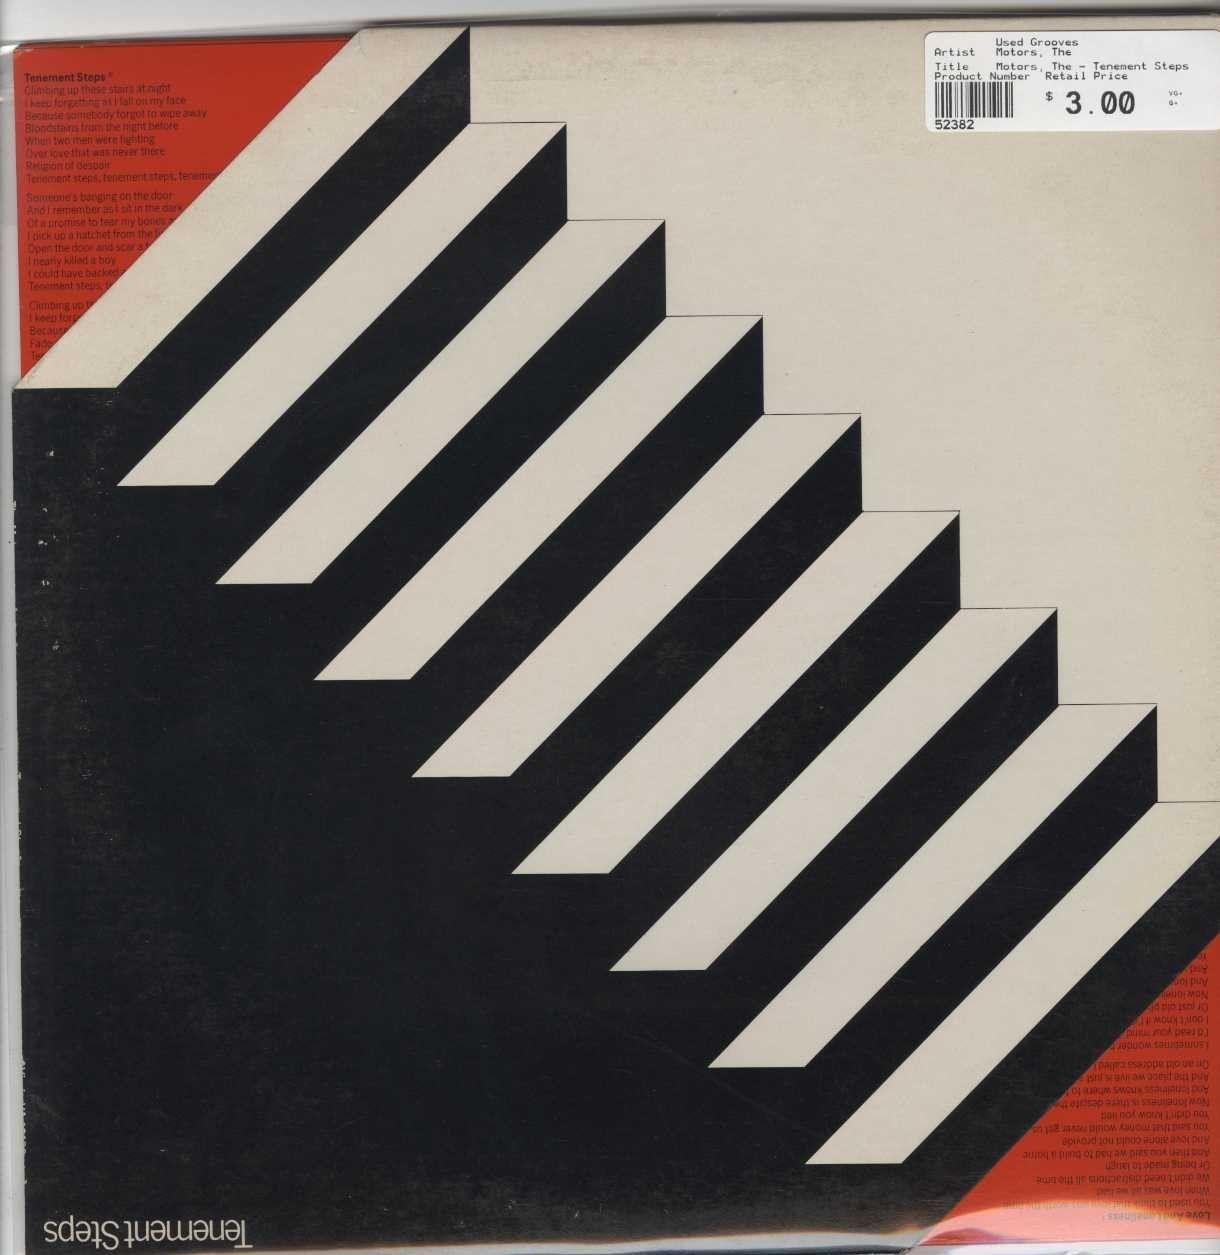 Motors, The - Tenement Steps | Vinyl, Cool things to buy, Lp vinyl